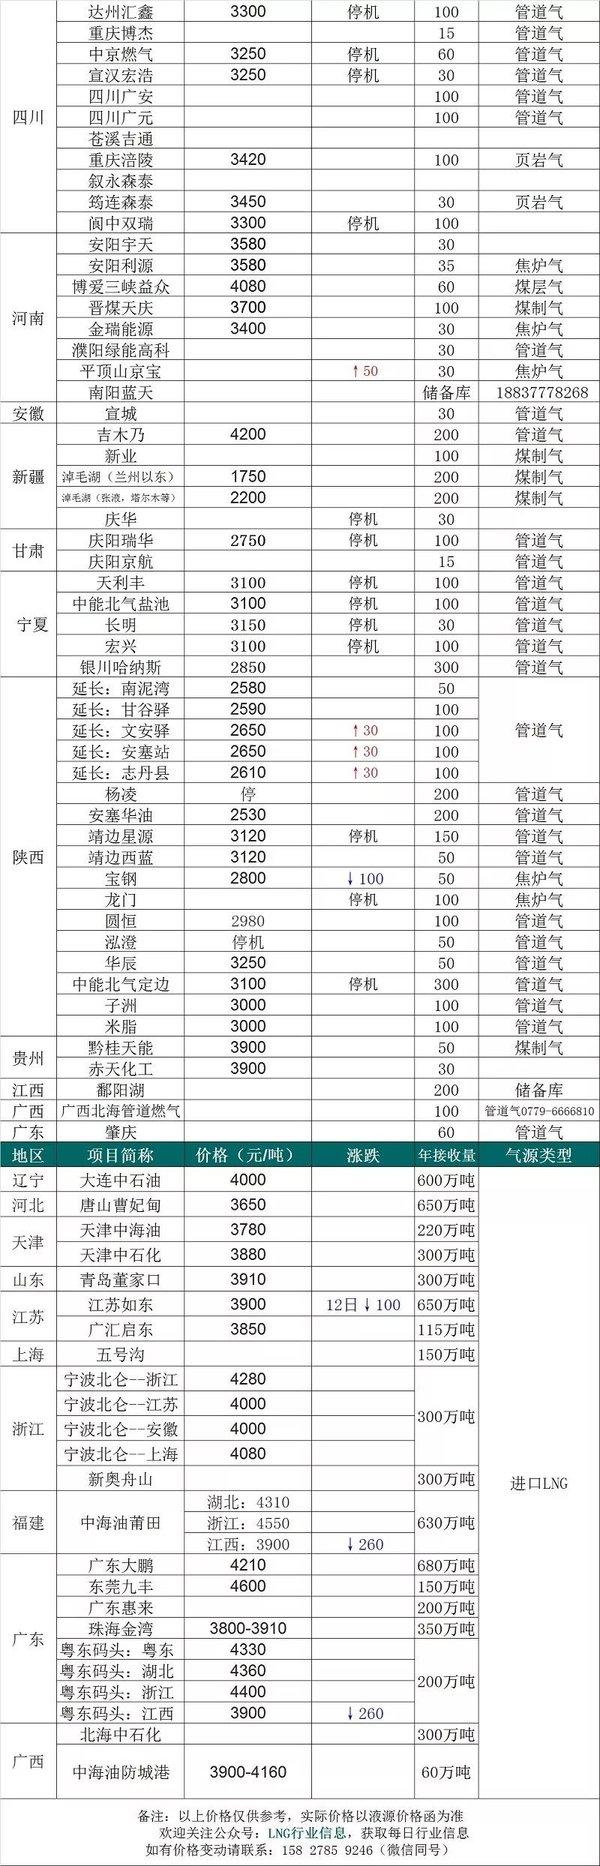 【2020年2月13日】LNG价格信息--国产气小幅度涨价